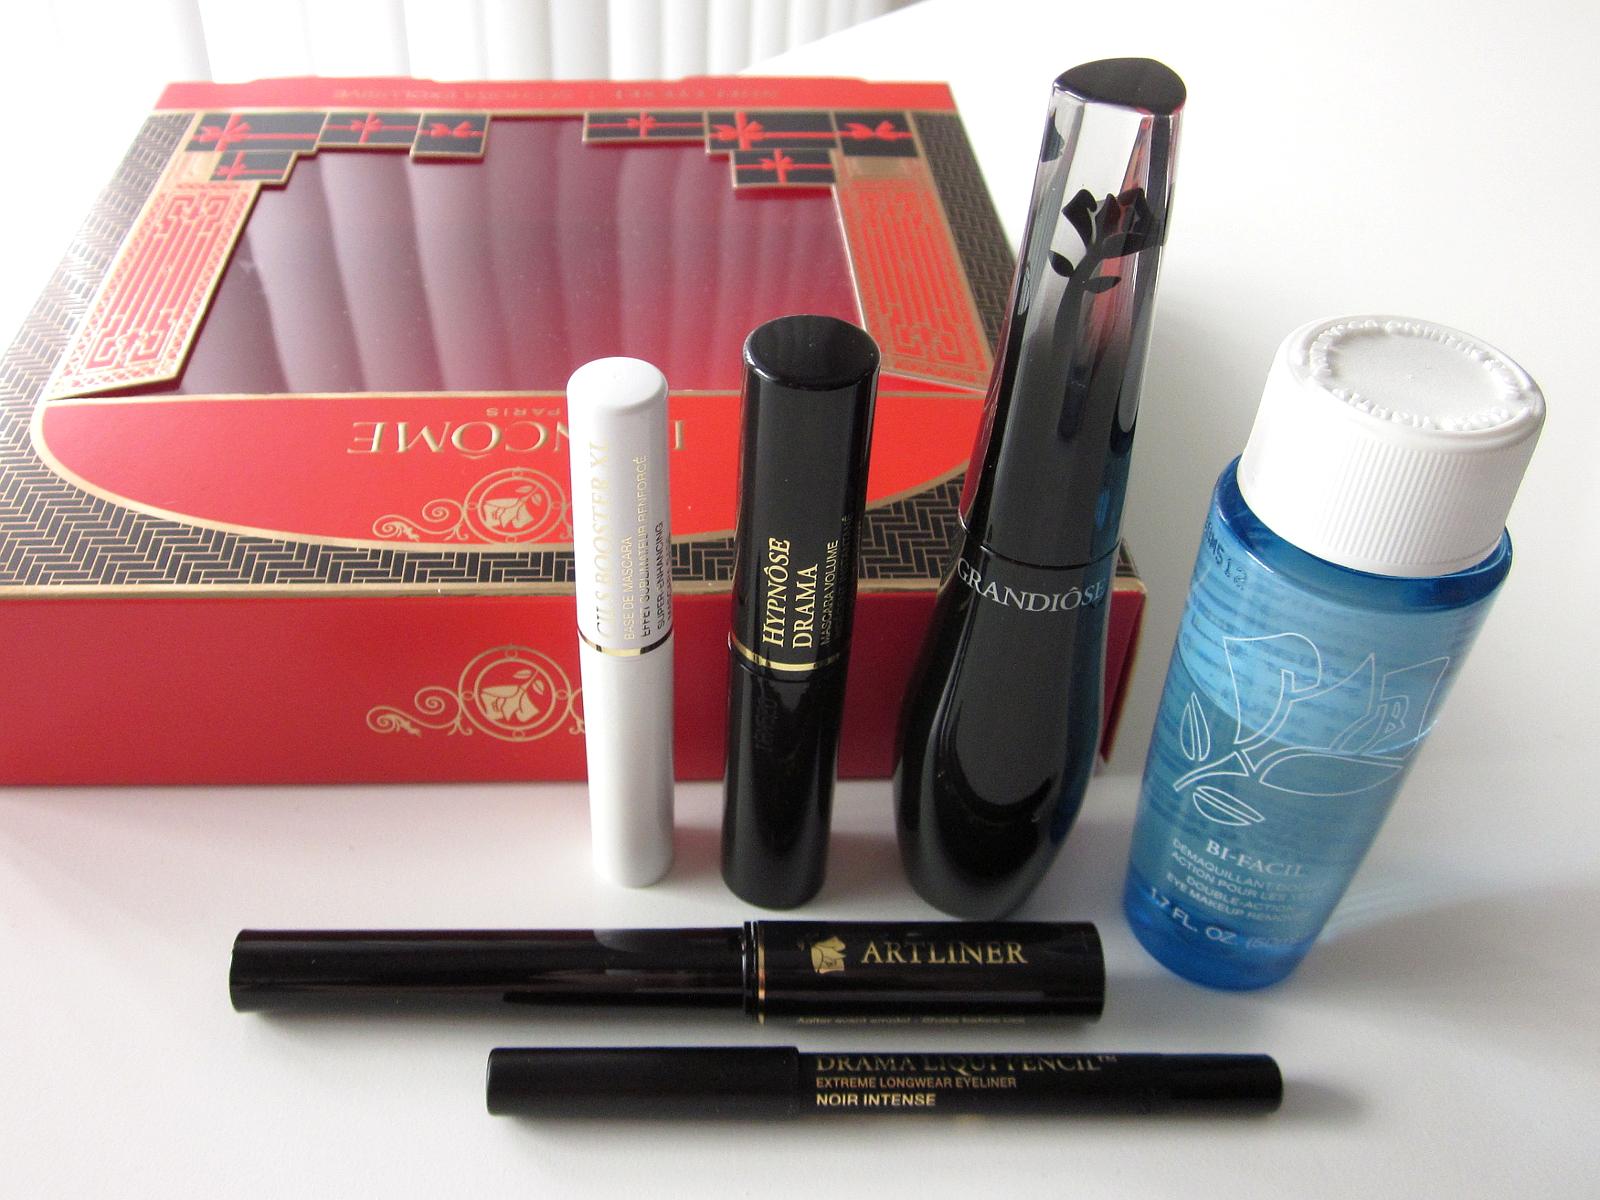 Kosmetikset für Make-up und Abschminken Grandiose Lancome